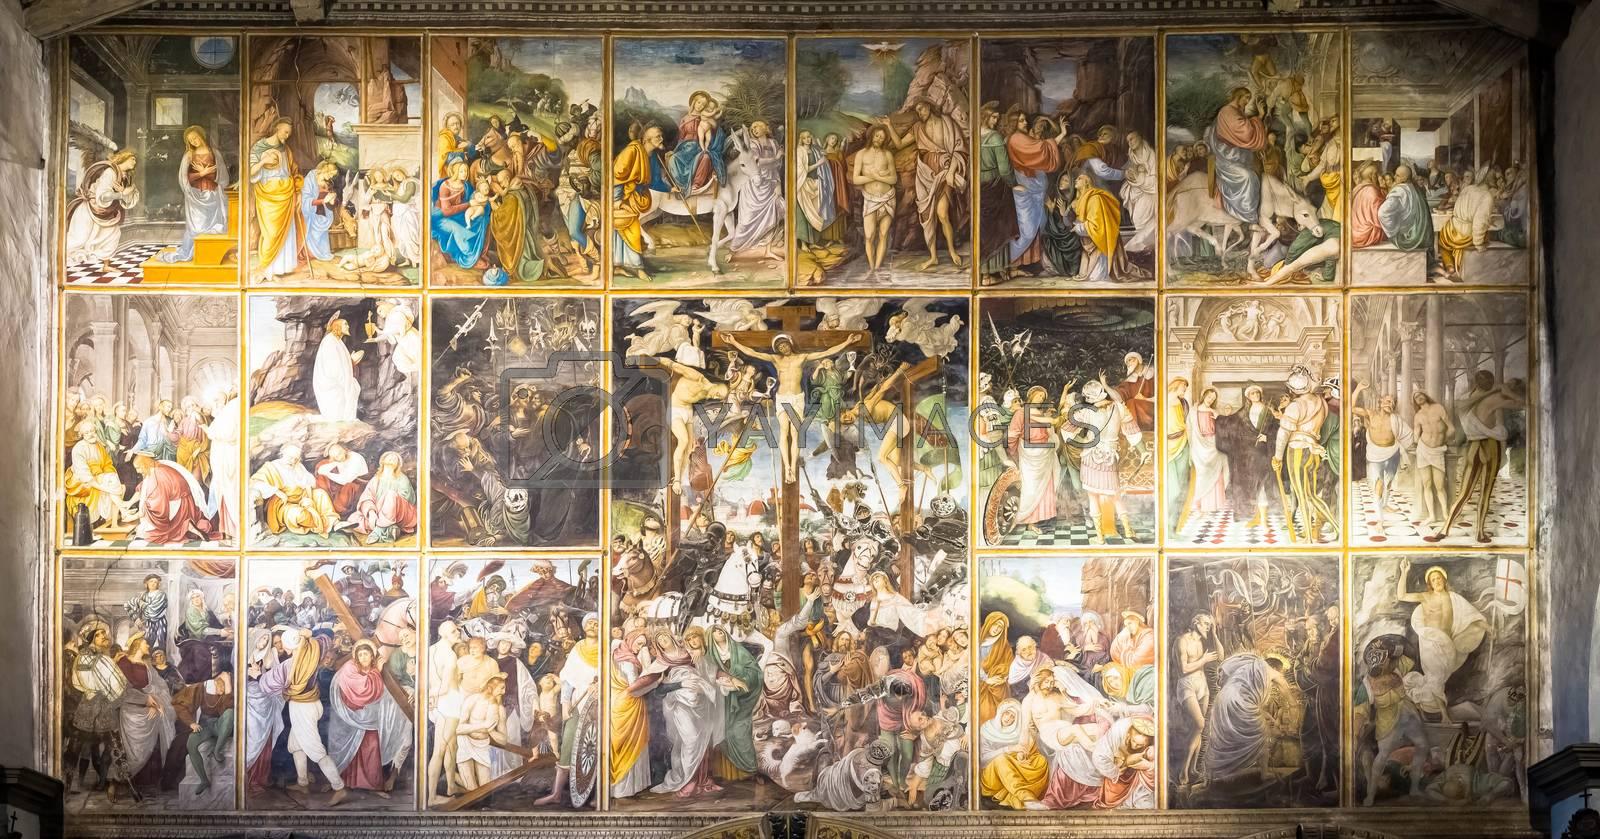 VARALLO, ITALY - June 2020: located in the Santa Maria delle Grazie Church in Varallo Sesia, this Renaissance masterpice was created by Gaudenzio Ferrari in 1513